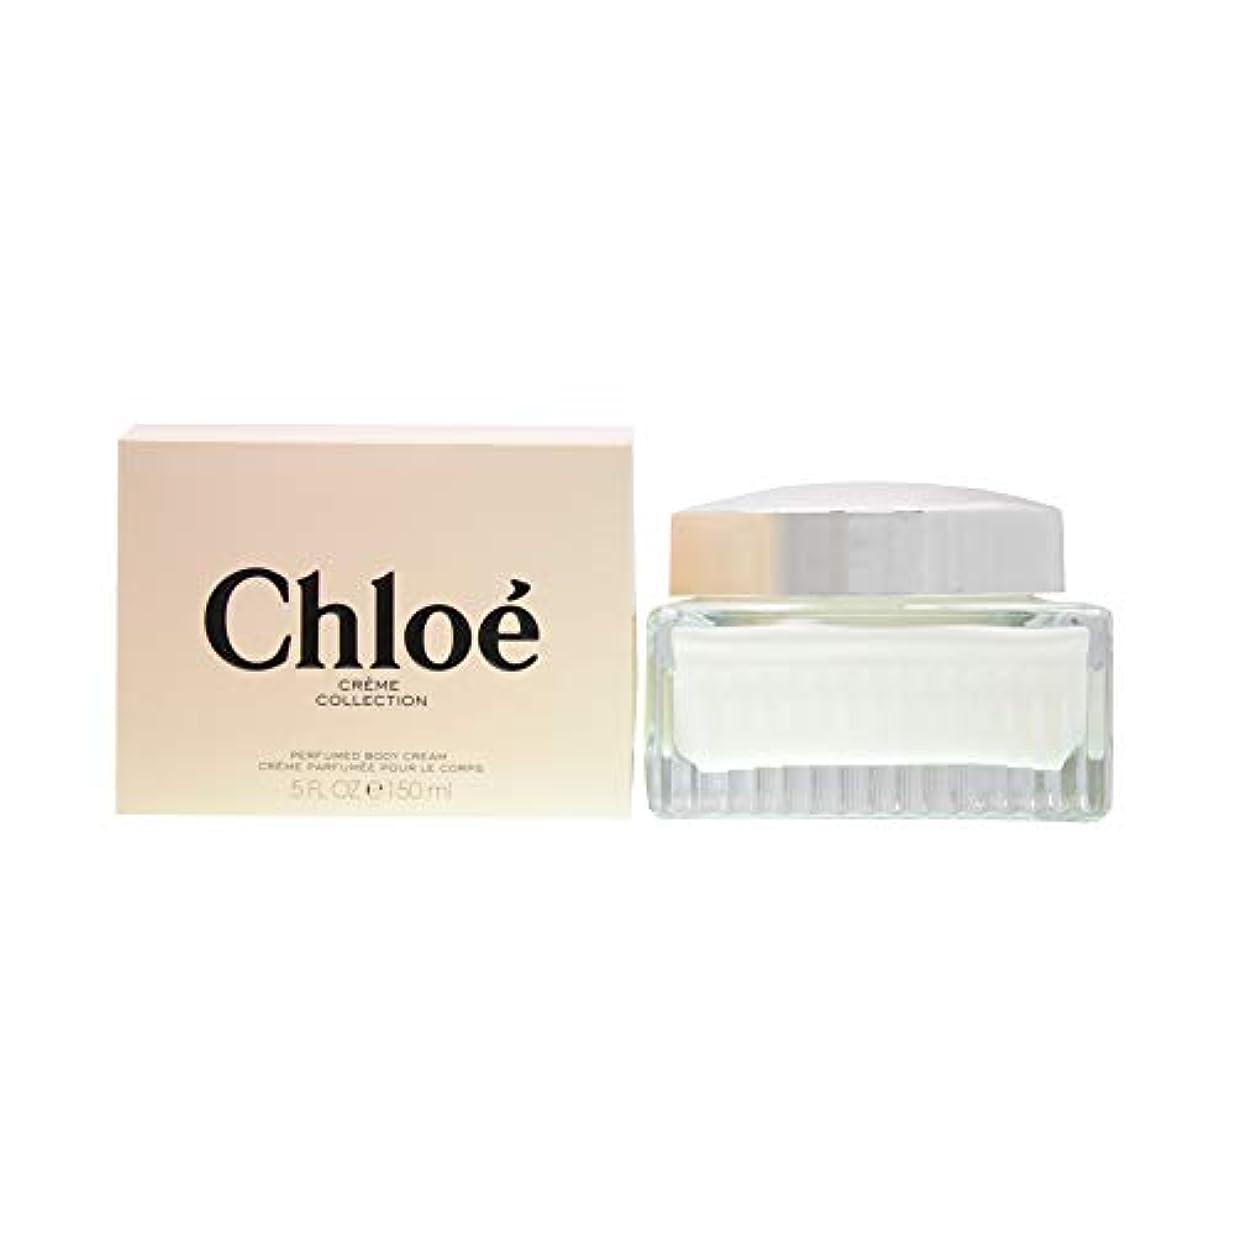 一緒郵便番号いつもクロエ chloe パフューム ボディクリーム 150ml レディース 「クロエ オードパルファム」の香りからインスパイアされ誕生したボディークリーム [並行輸入品]